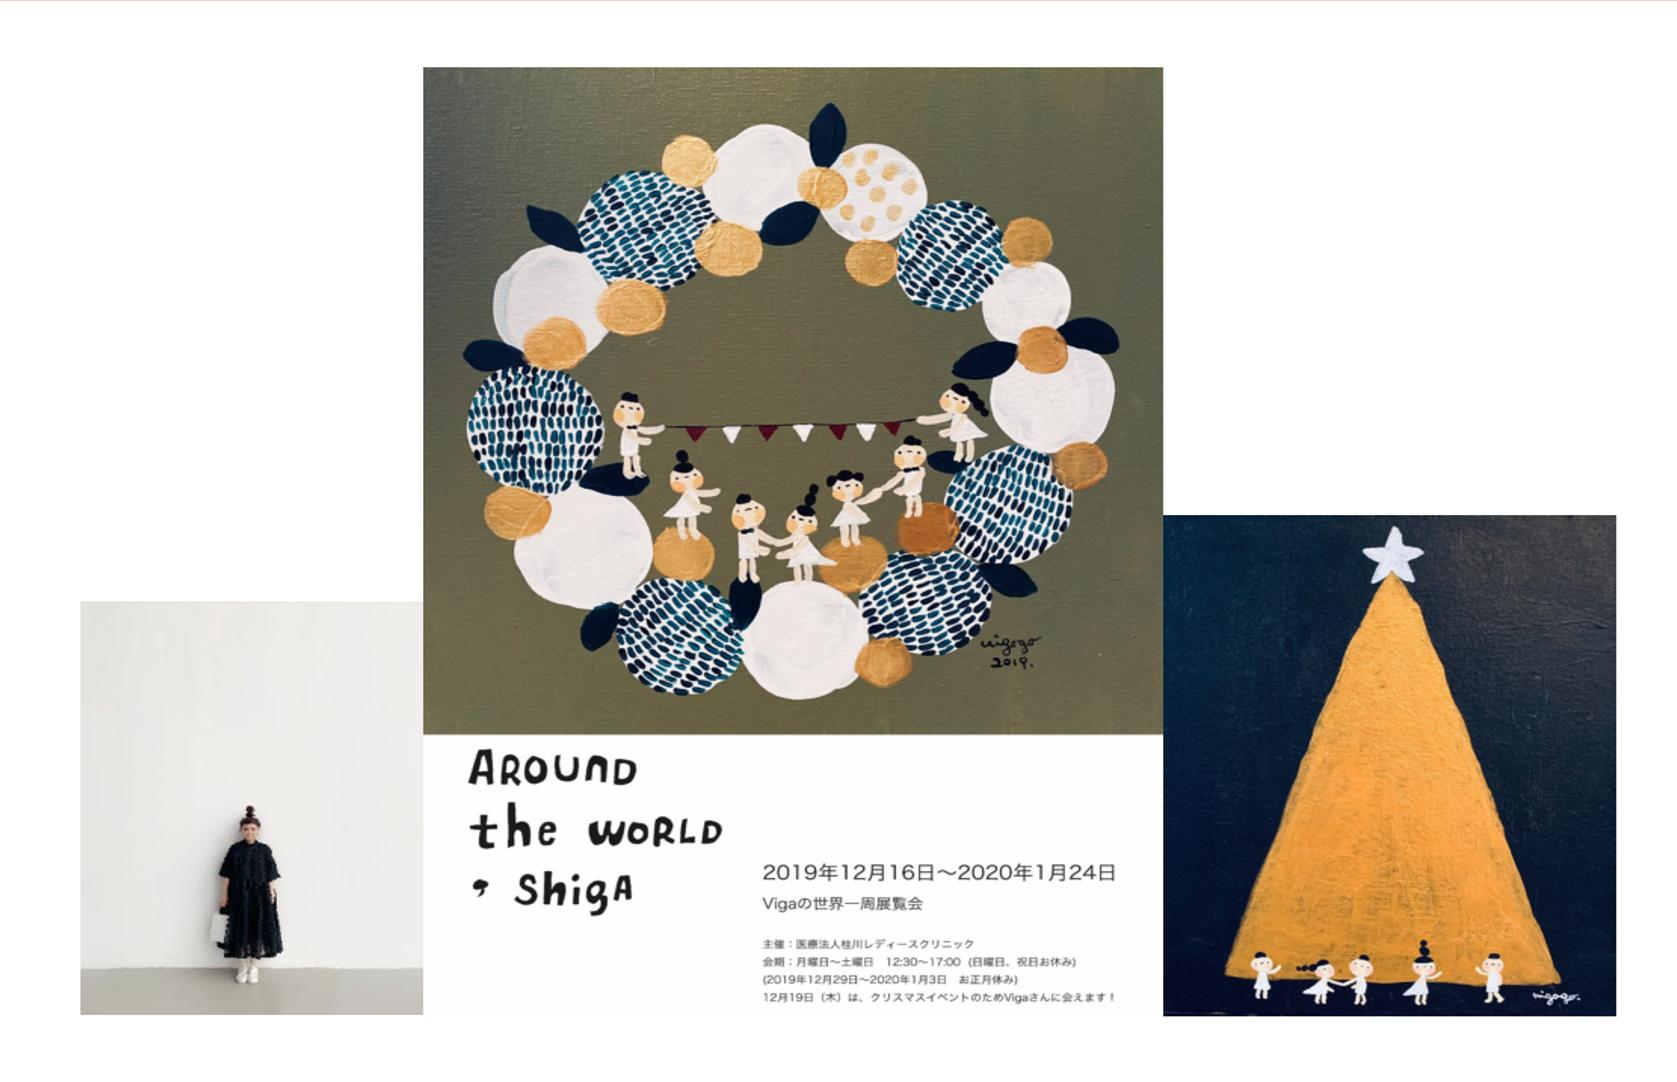 院内個展「Vigaの世界一周展覧会」開催のお知らせ